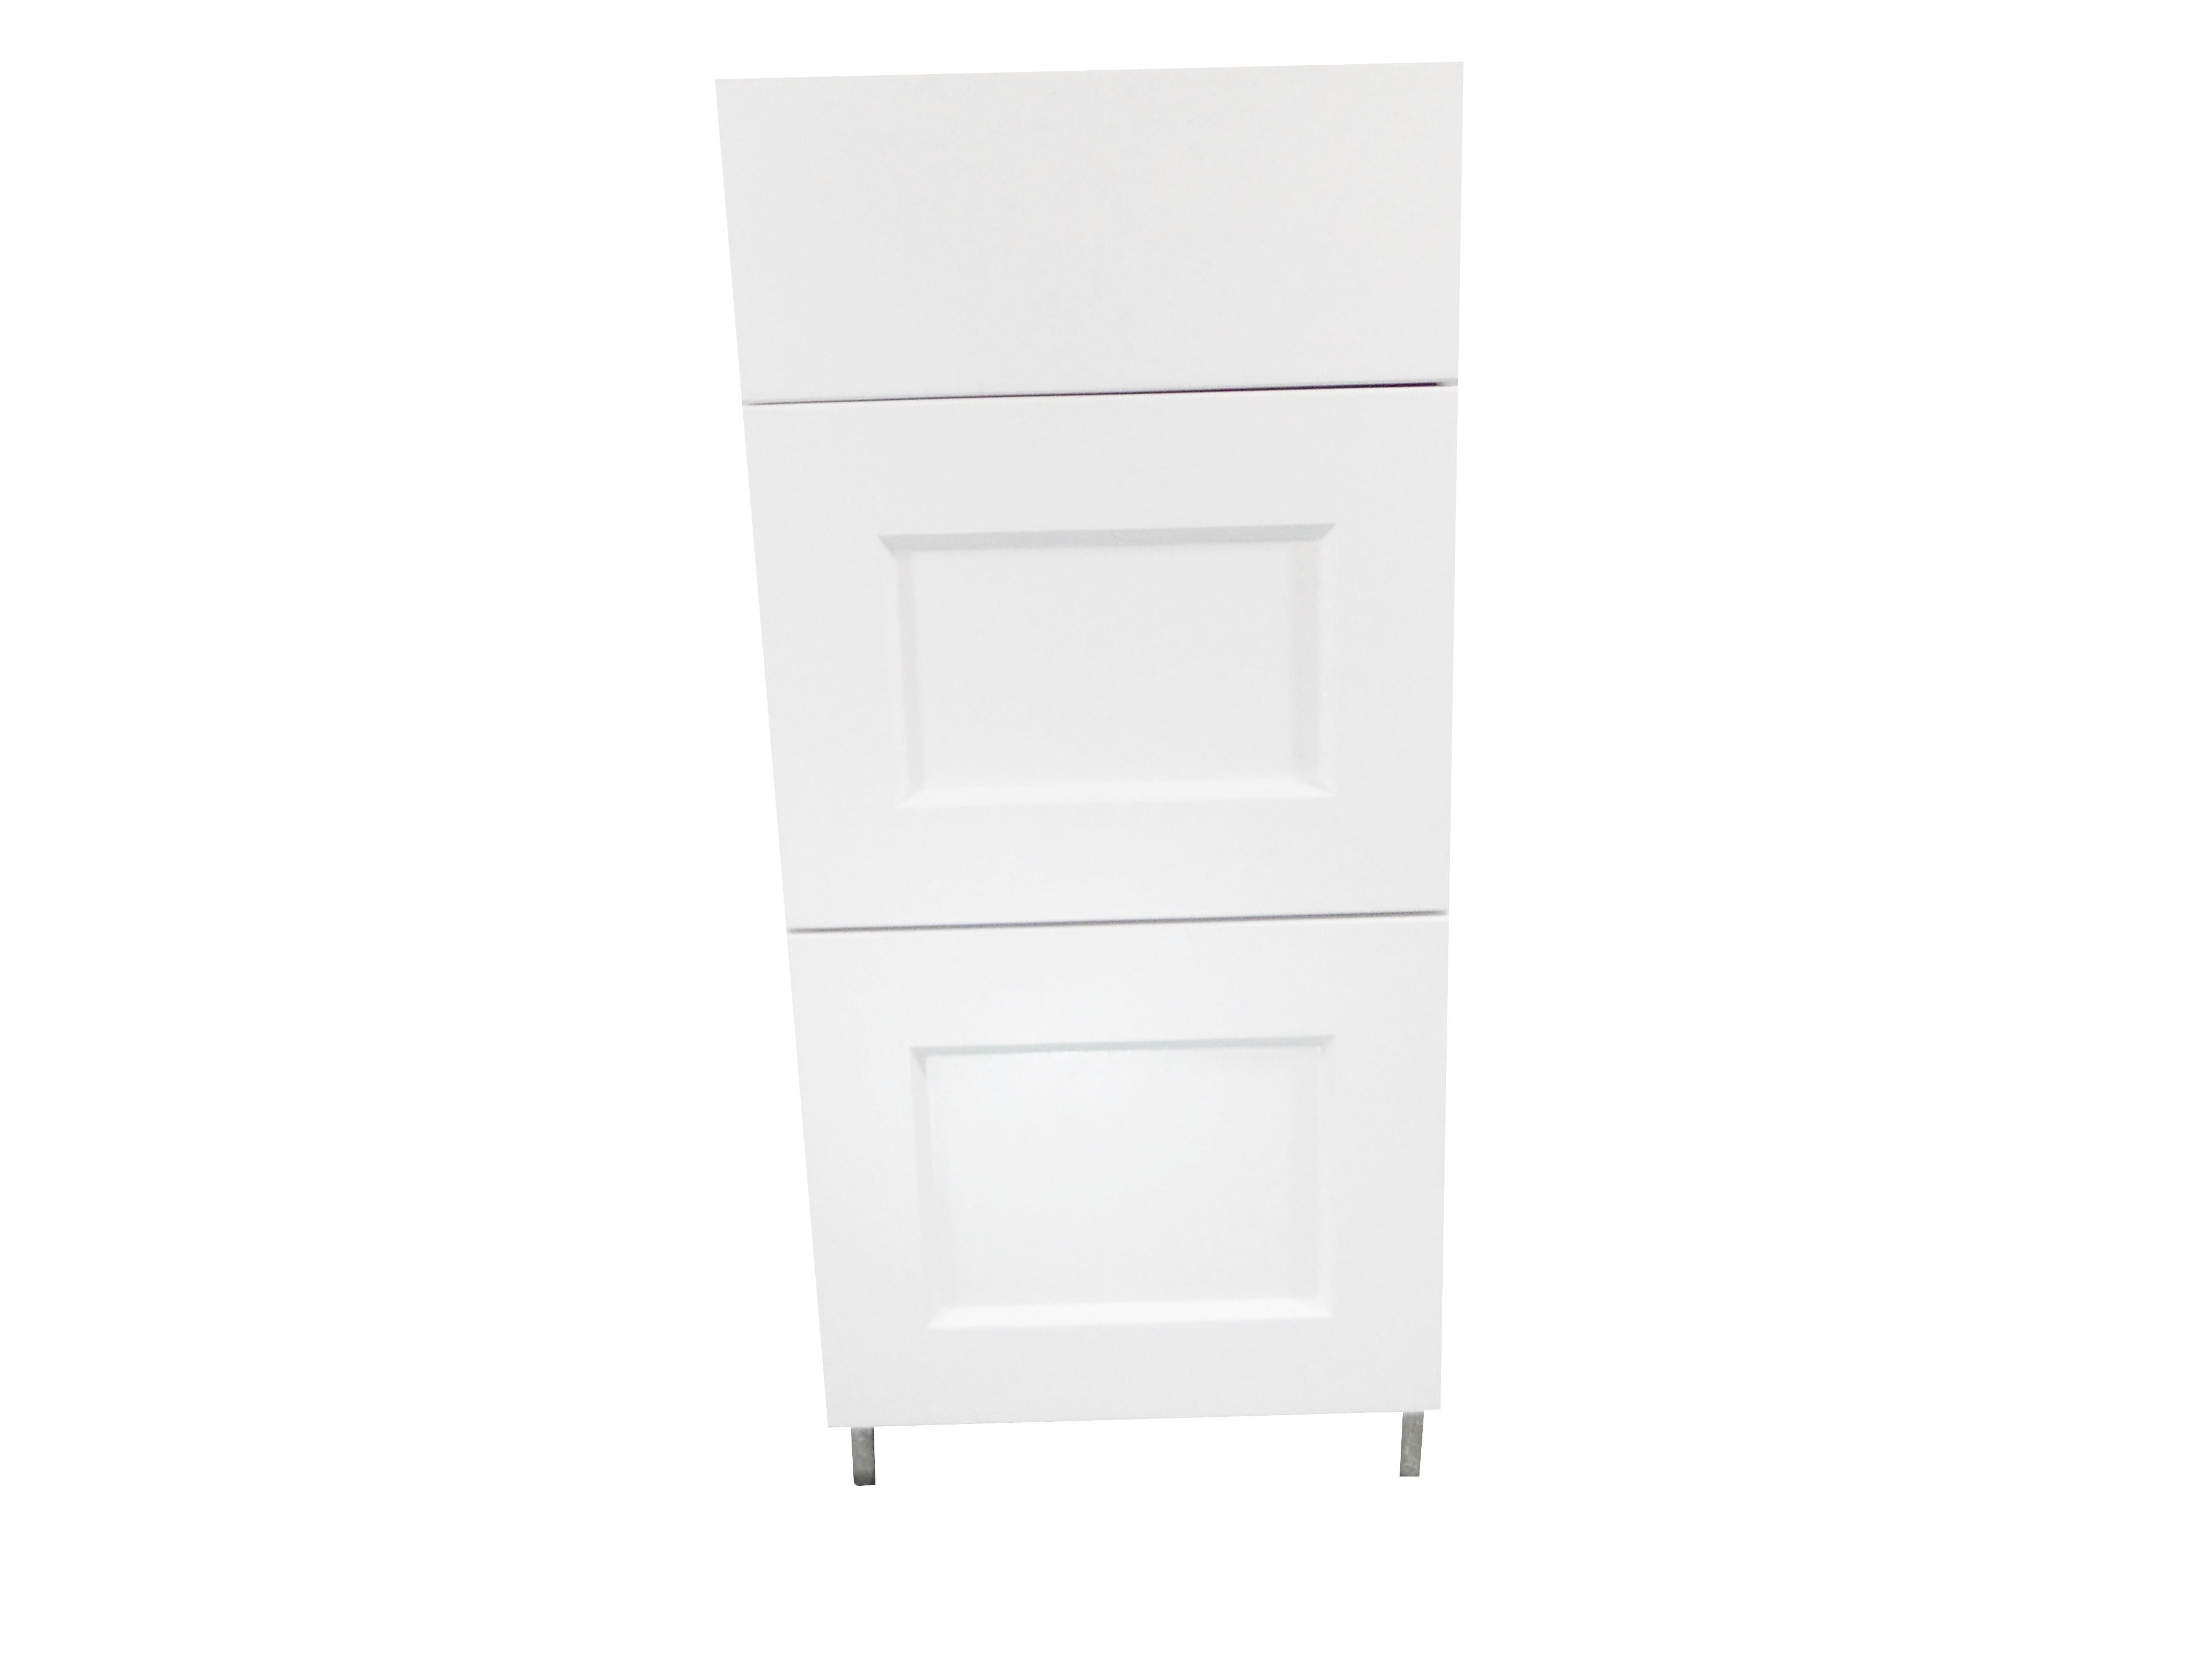 Base Cabinet 3 Drawer Bank / Wistler White / Flat Panel White / 15 Whistler White 0